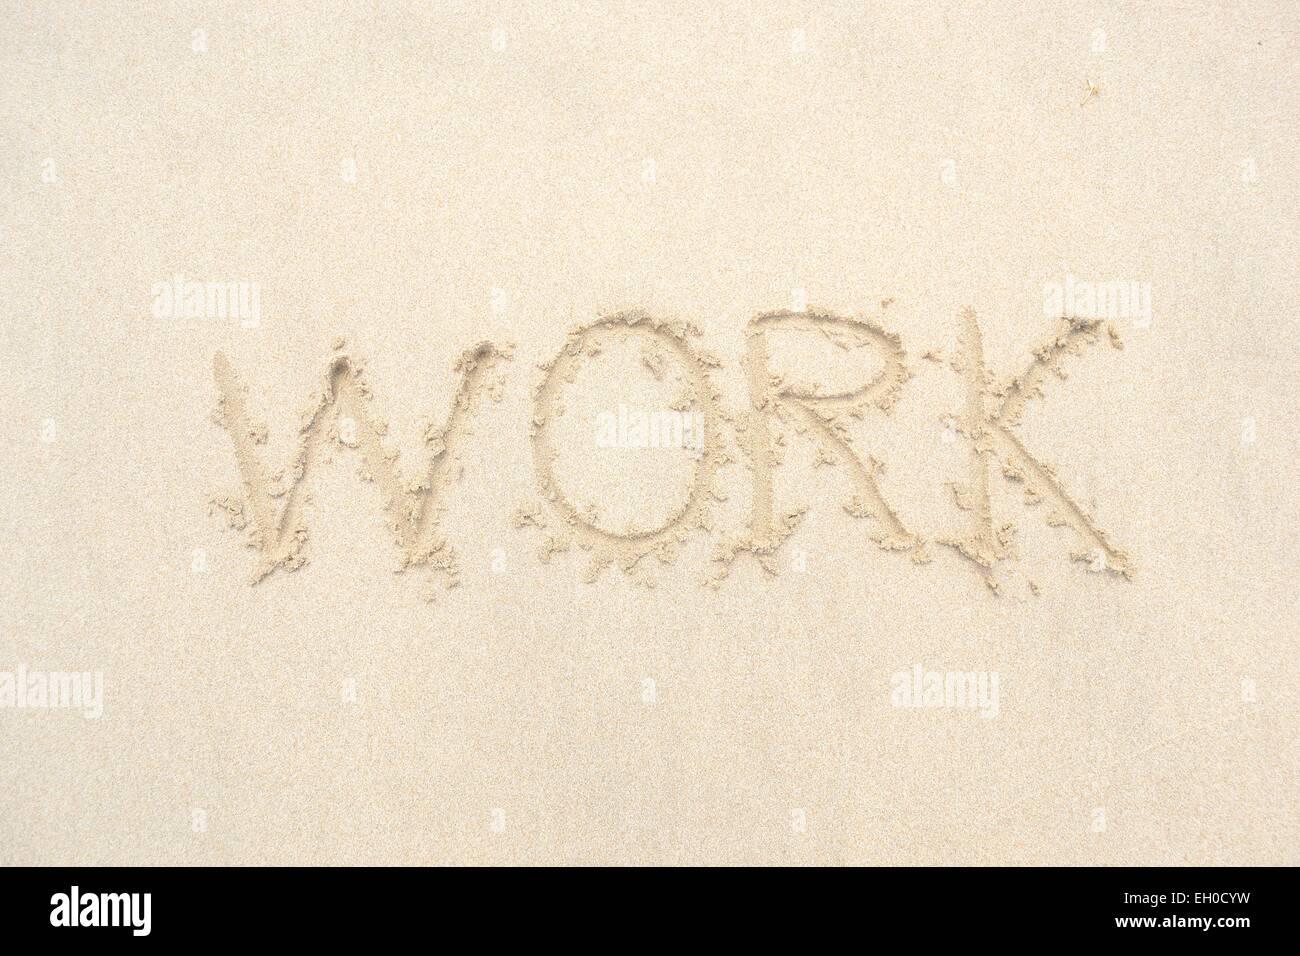 Hand gezeichnet von einem Wort Arbeit am Strand Stockbild